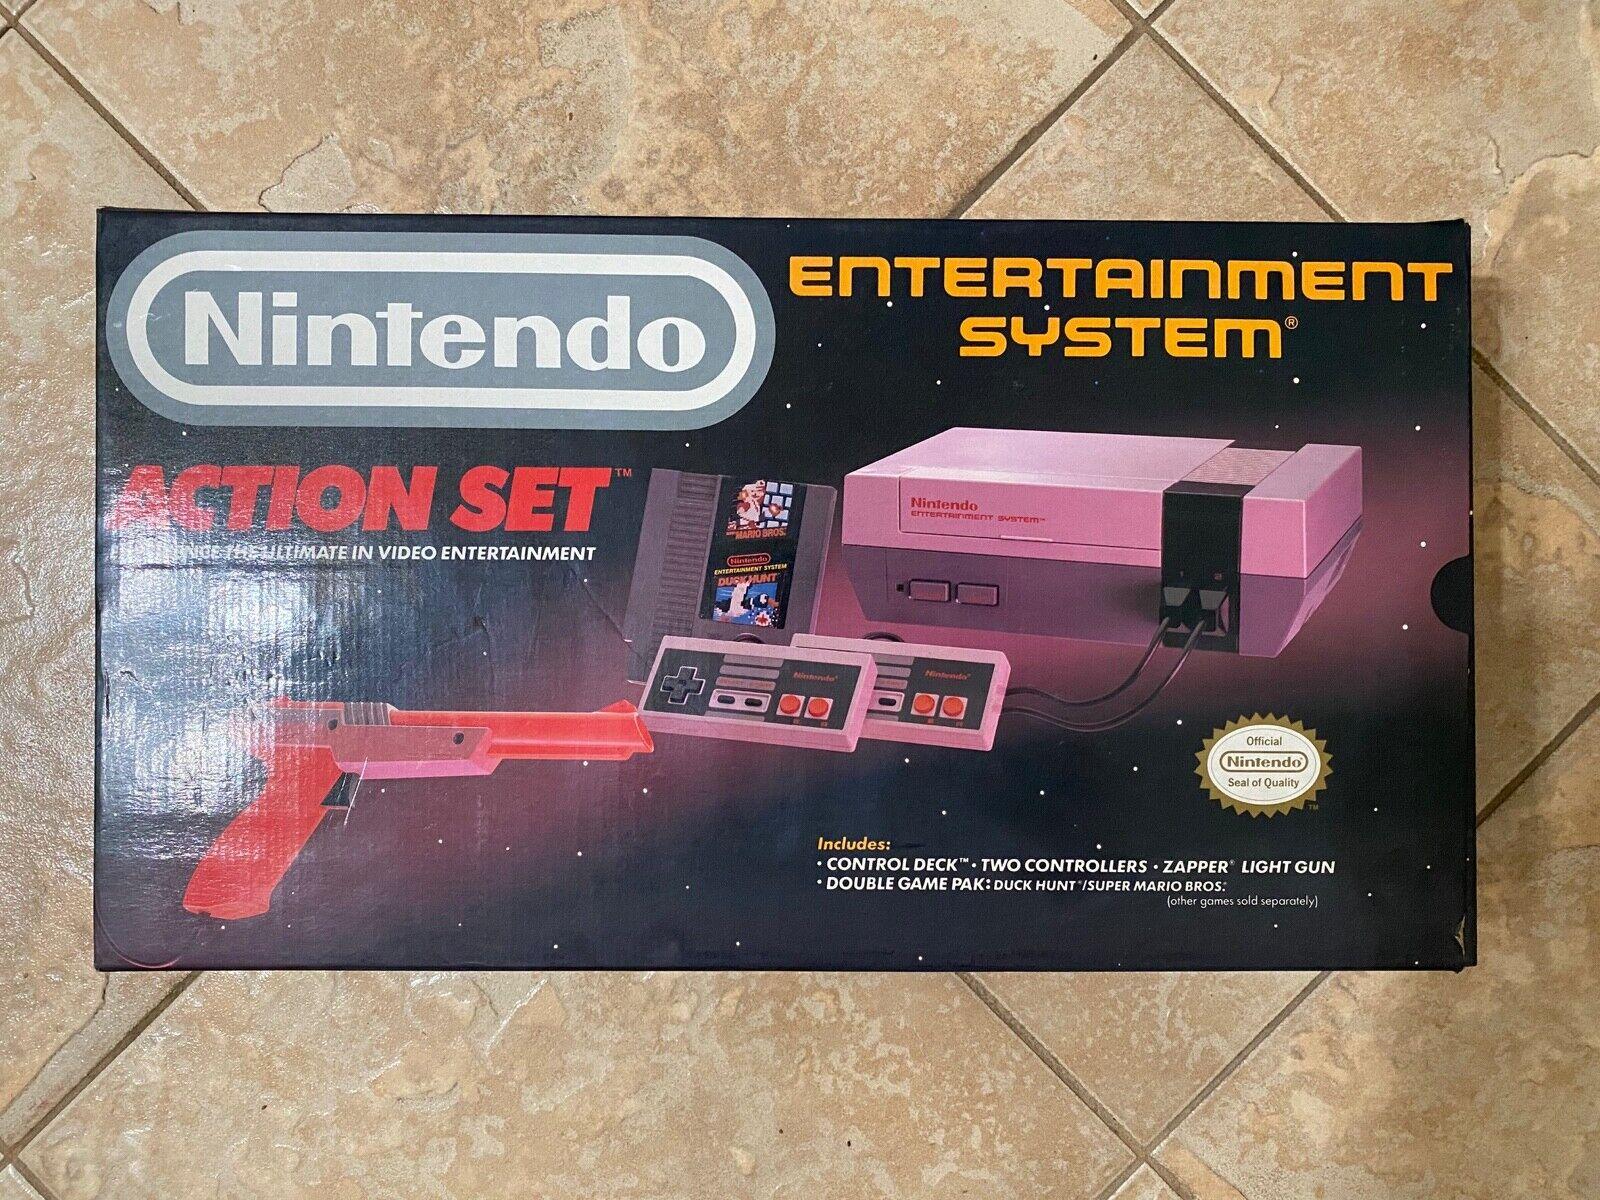 ORIGINAL NES NINTENDO CLASSIC EMPTY BOX W/ ORIGINAL MANUAL BAGS STYROFOAM POSTER - $152.50